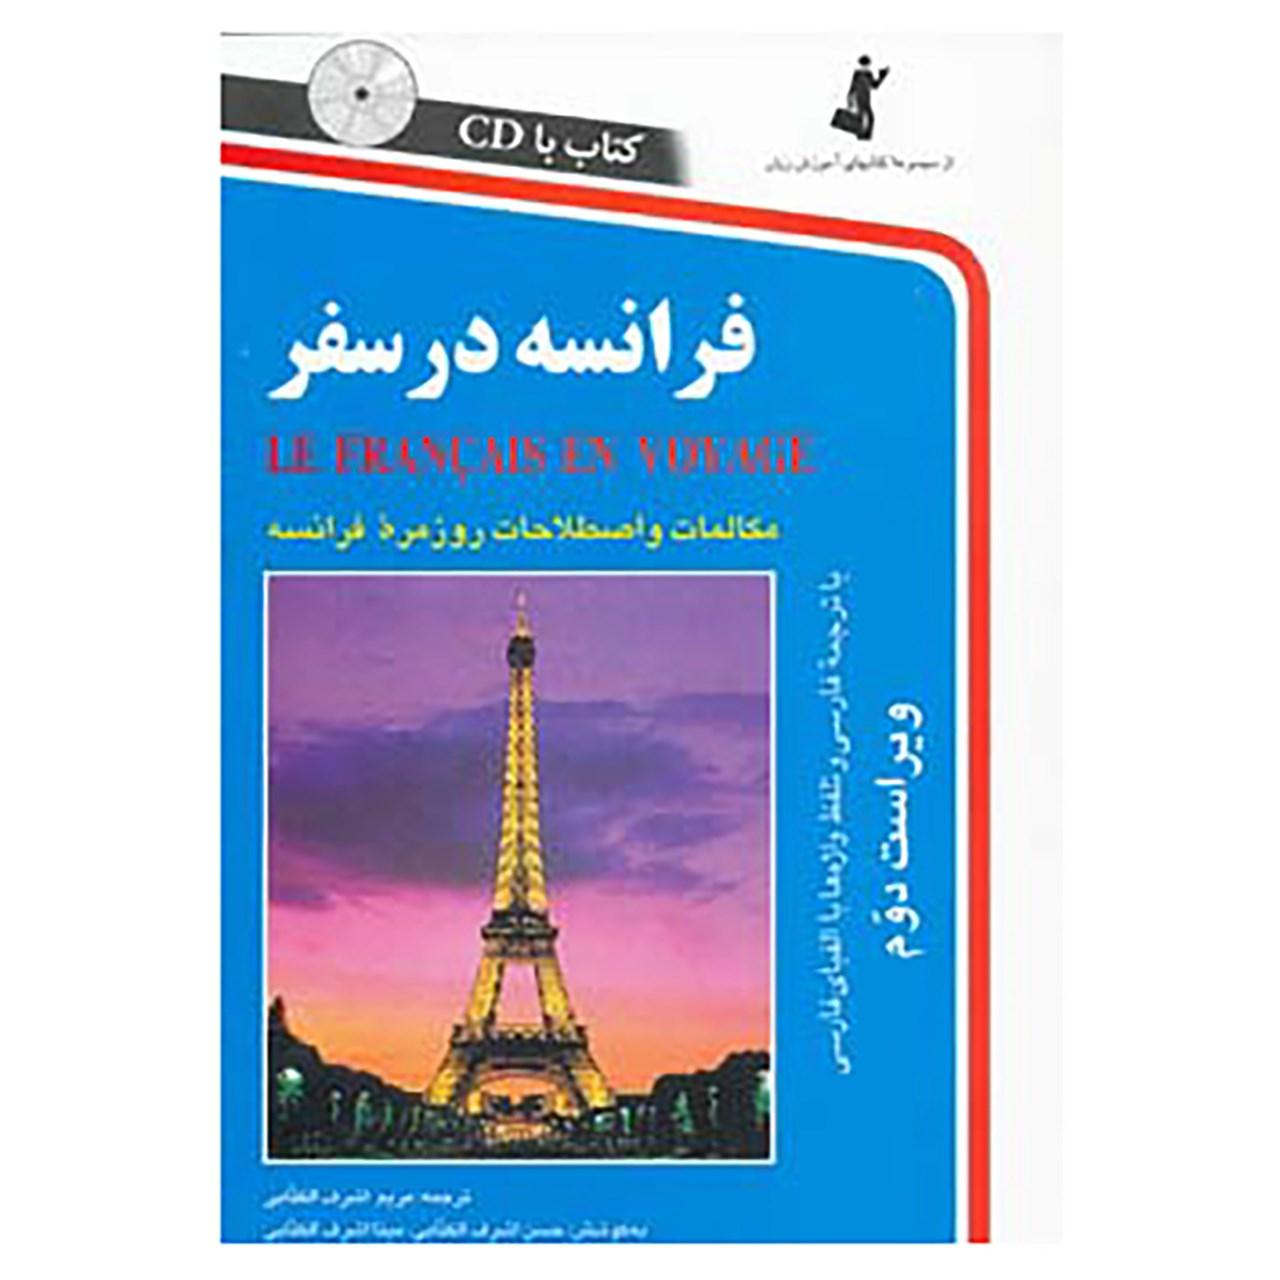 خرید                      کتاب فرانسه در سفر اثر مریم اشرف الکتابی